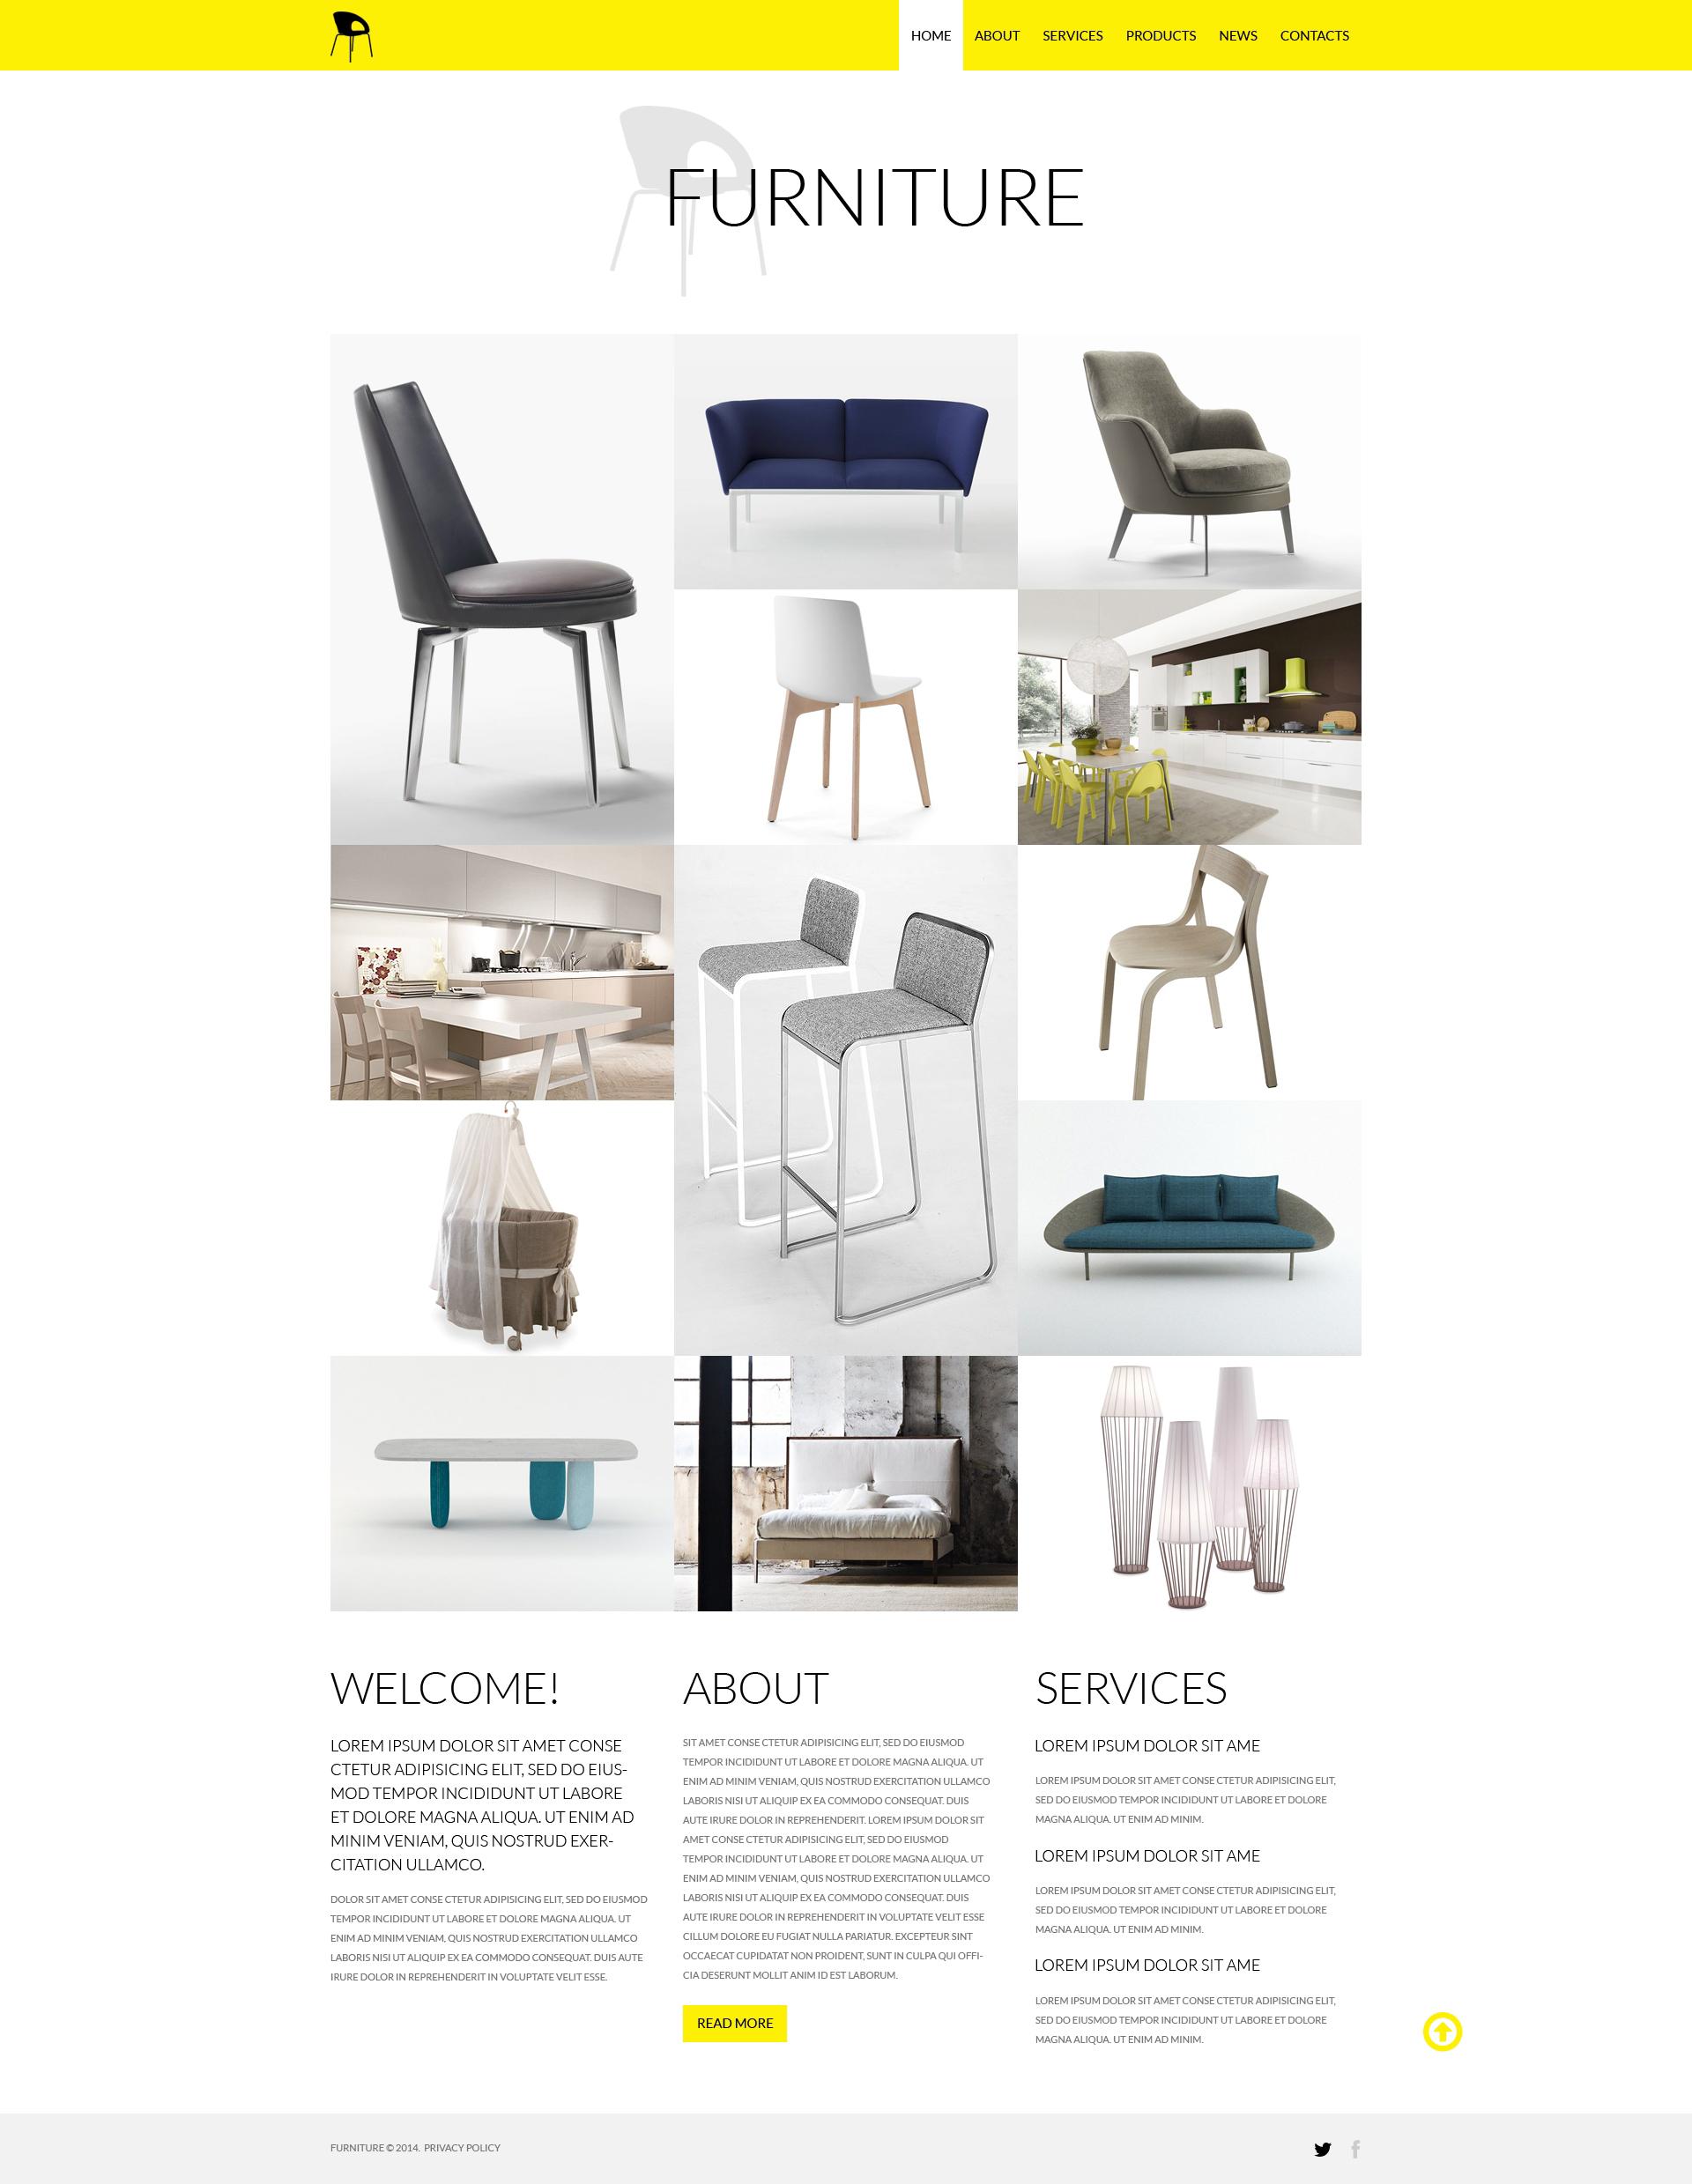 Modèle Web adaptatif pour site de meubles #50772